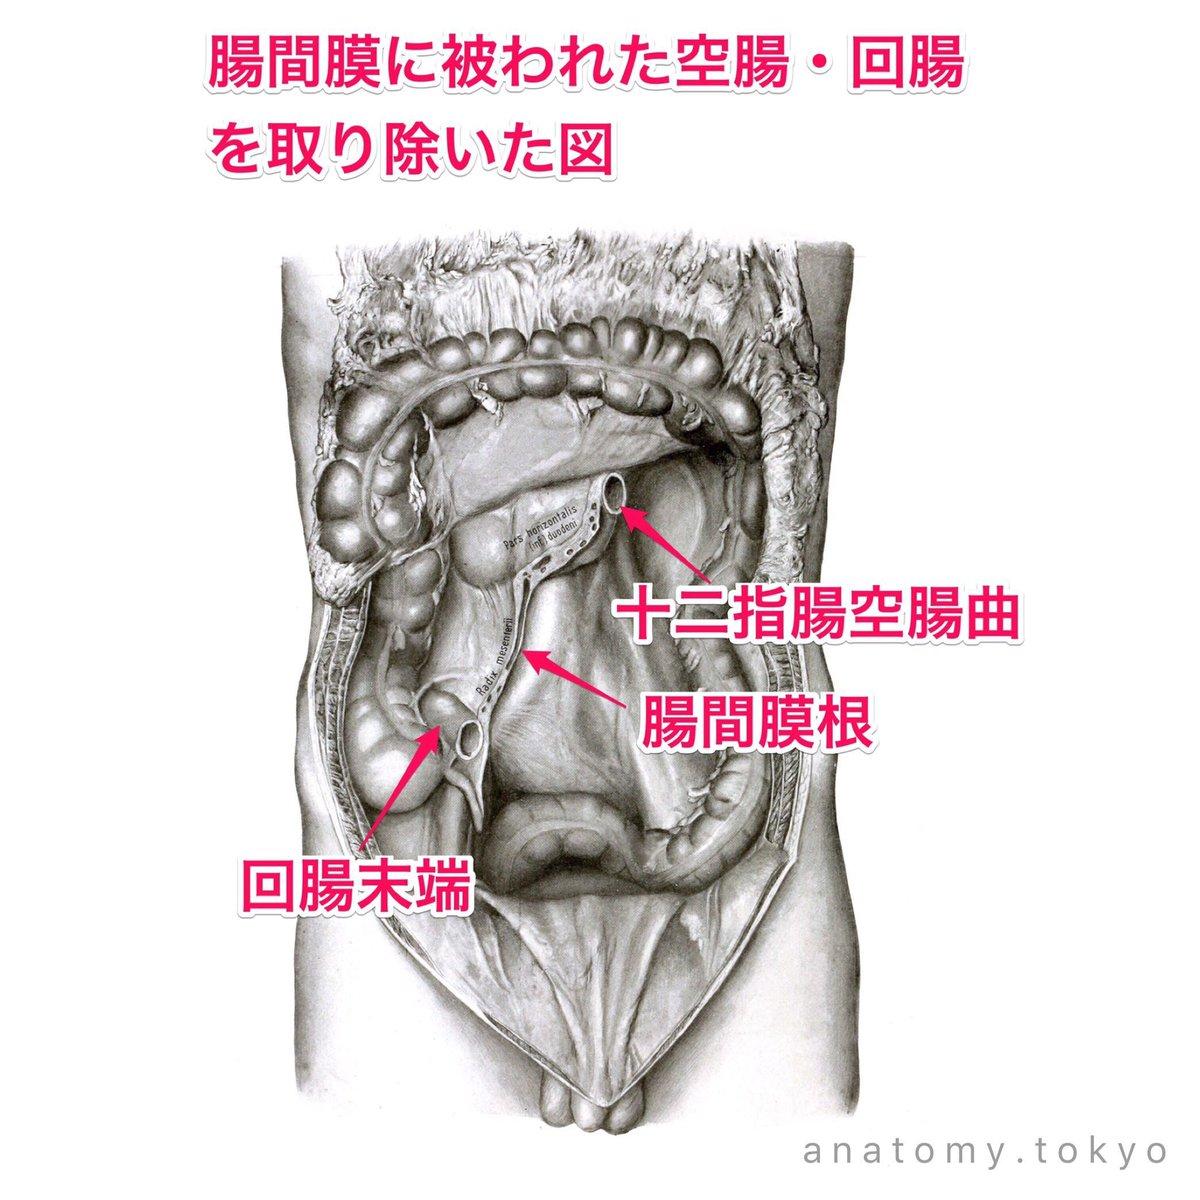 上腸間膜動脈閉塞症とは?血栓症・塞栓症、CT画像、治療まとめ!